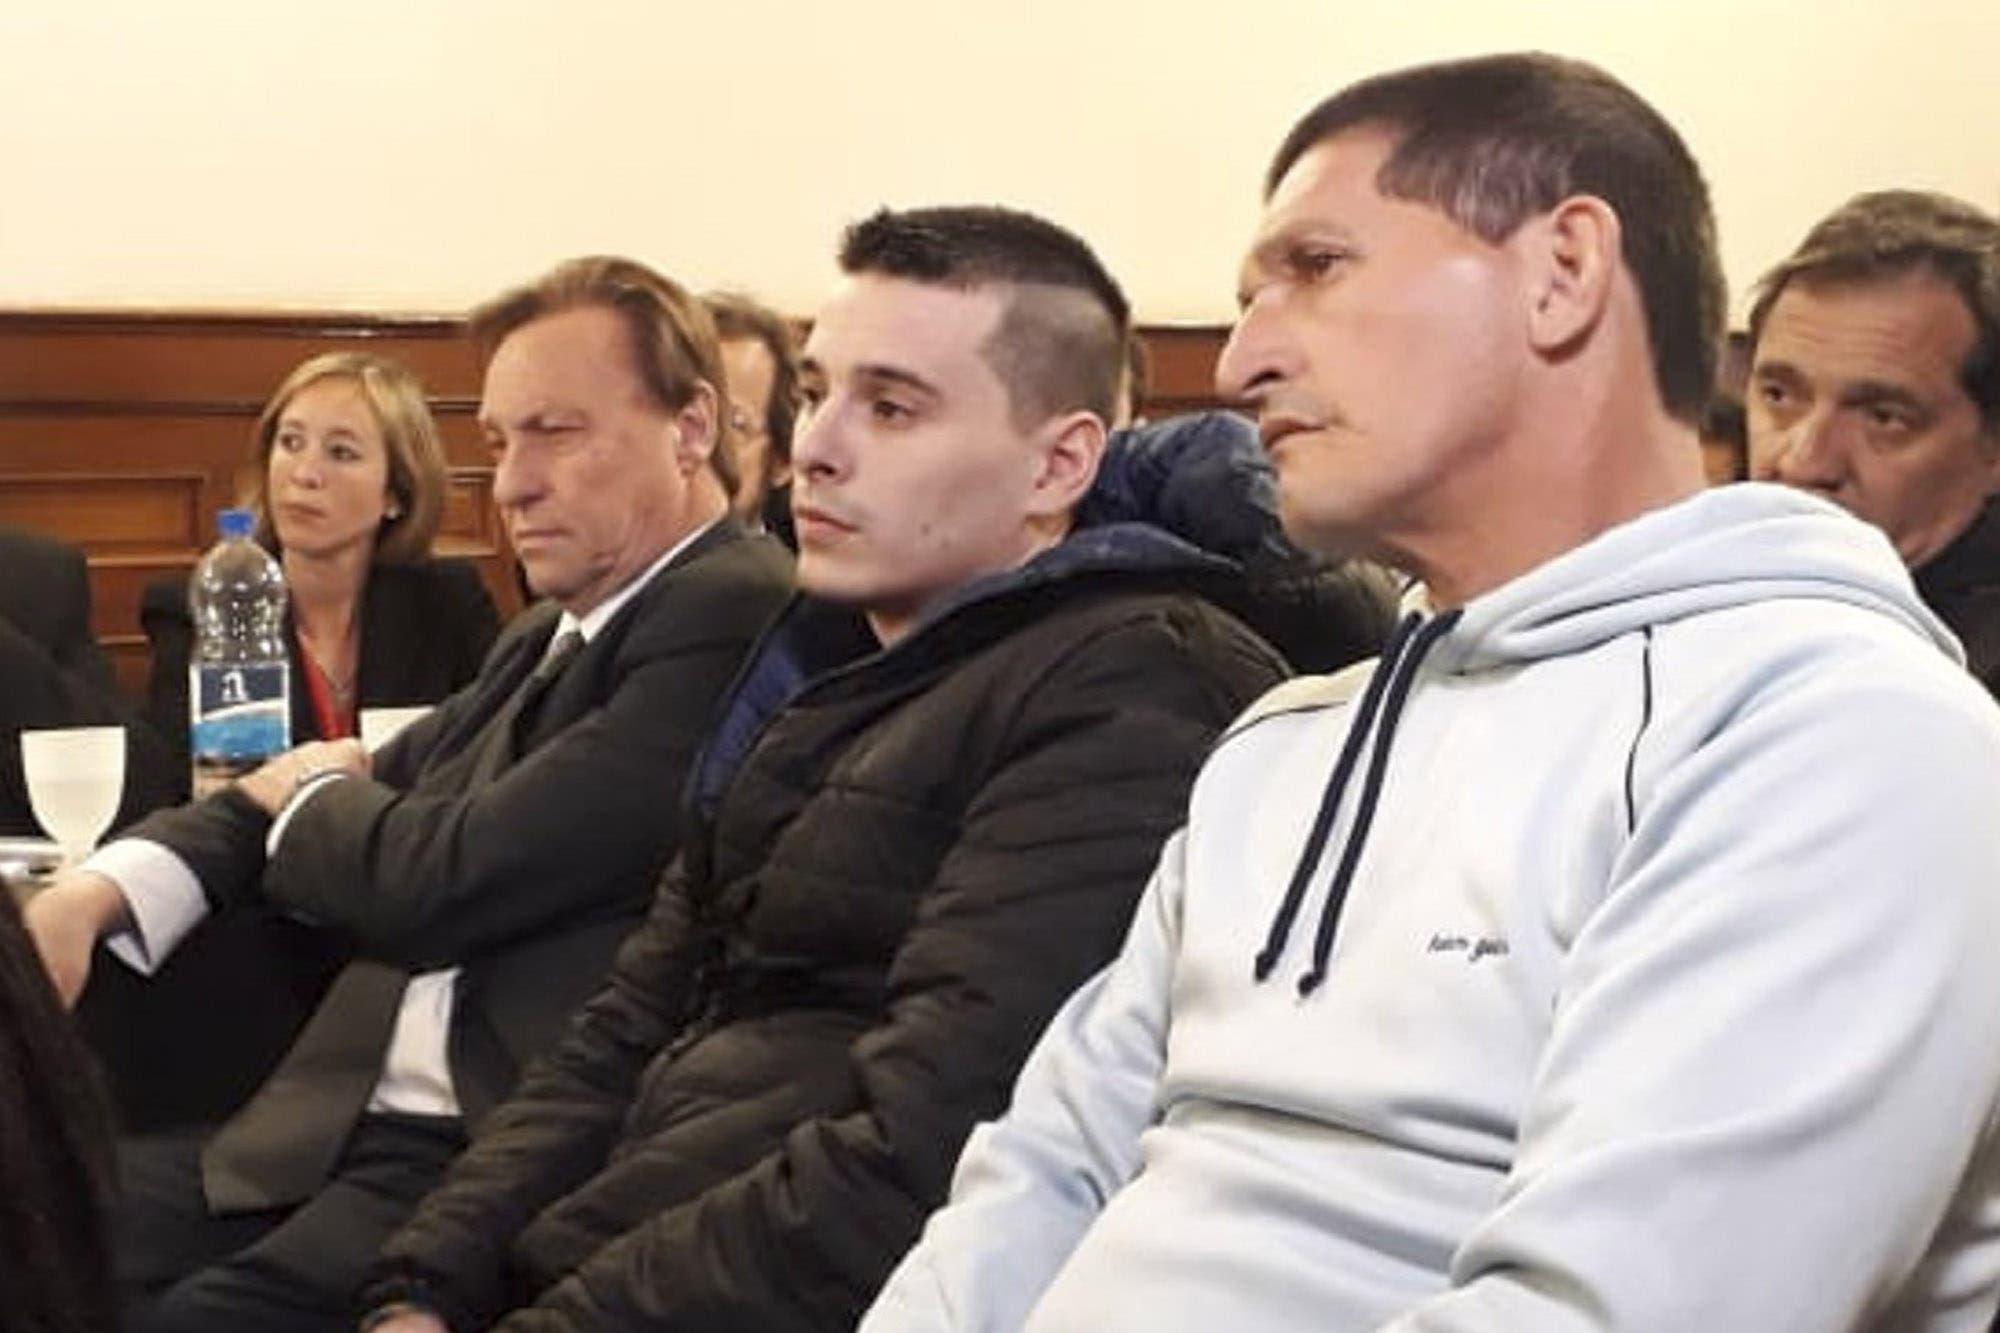 Acusado de narco, el exintendente Varisco apuntó contra Bullrich